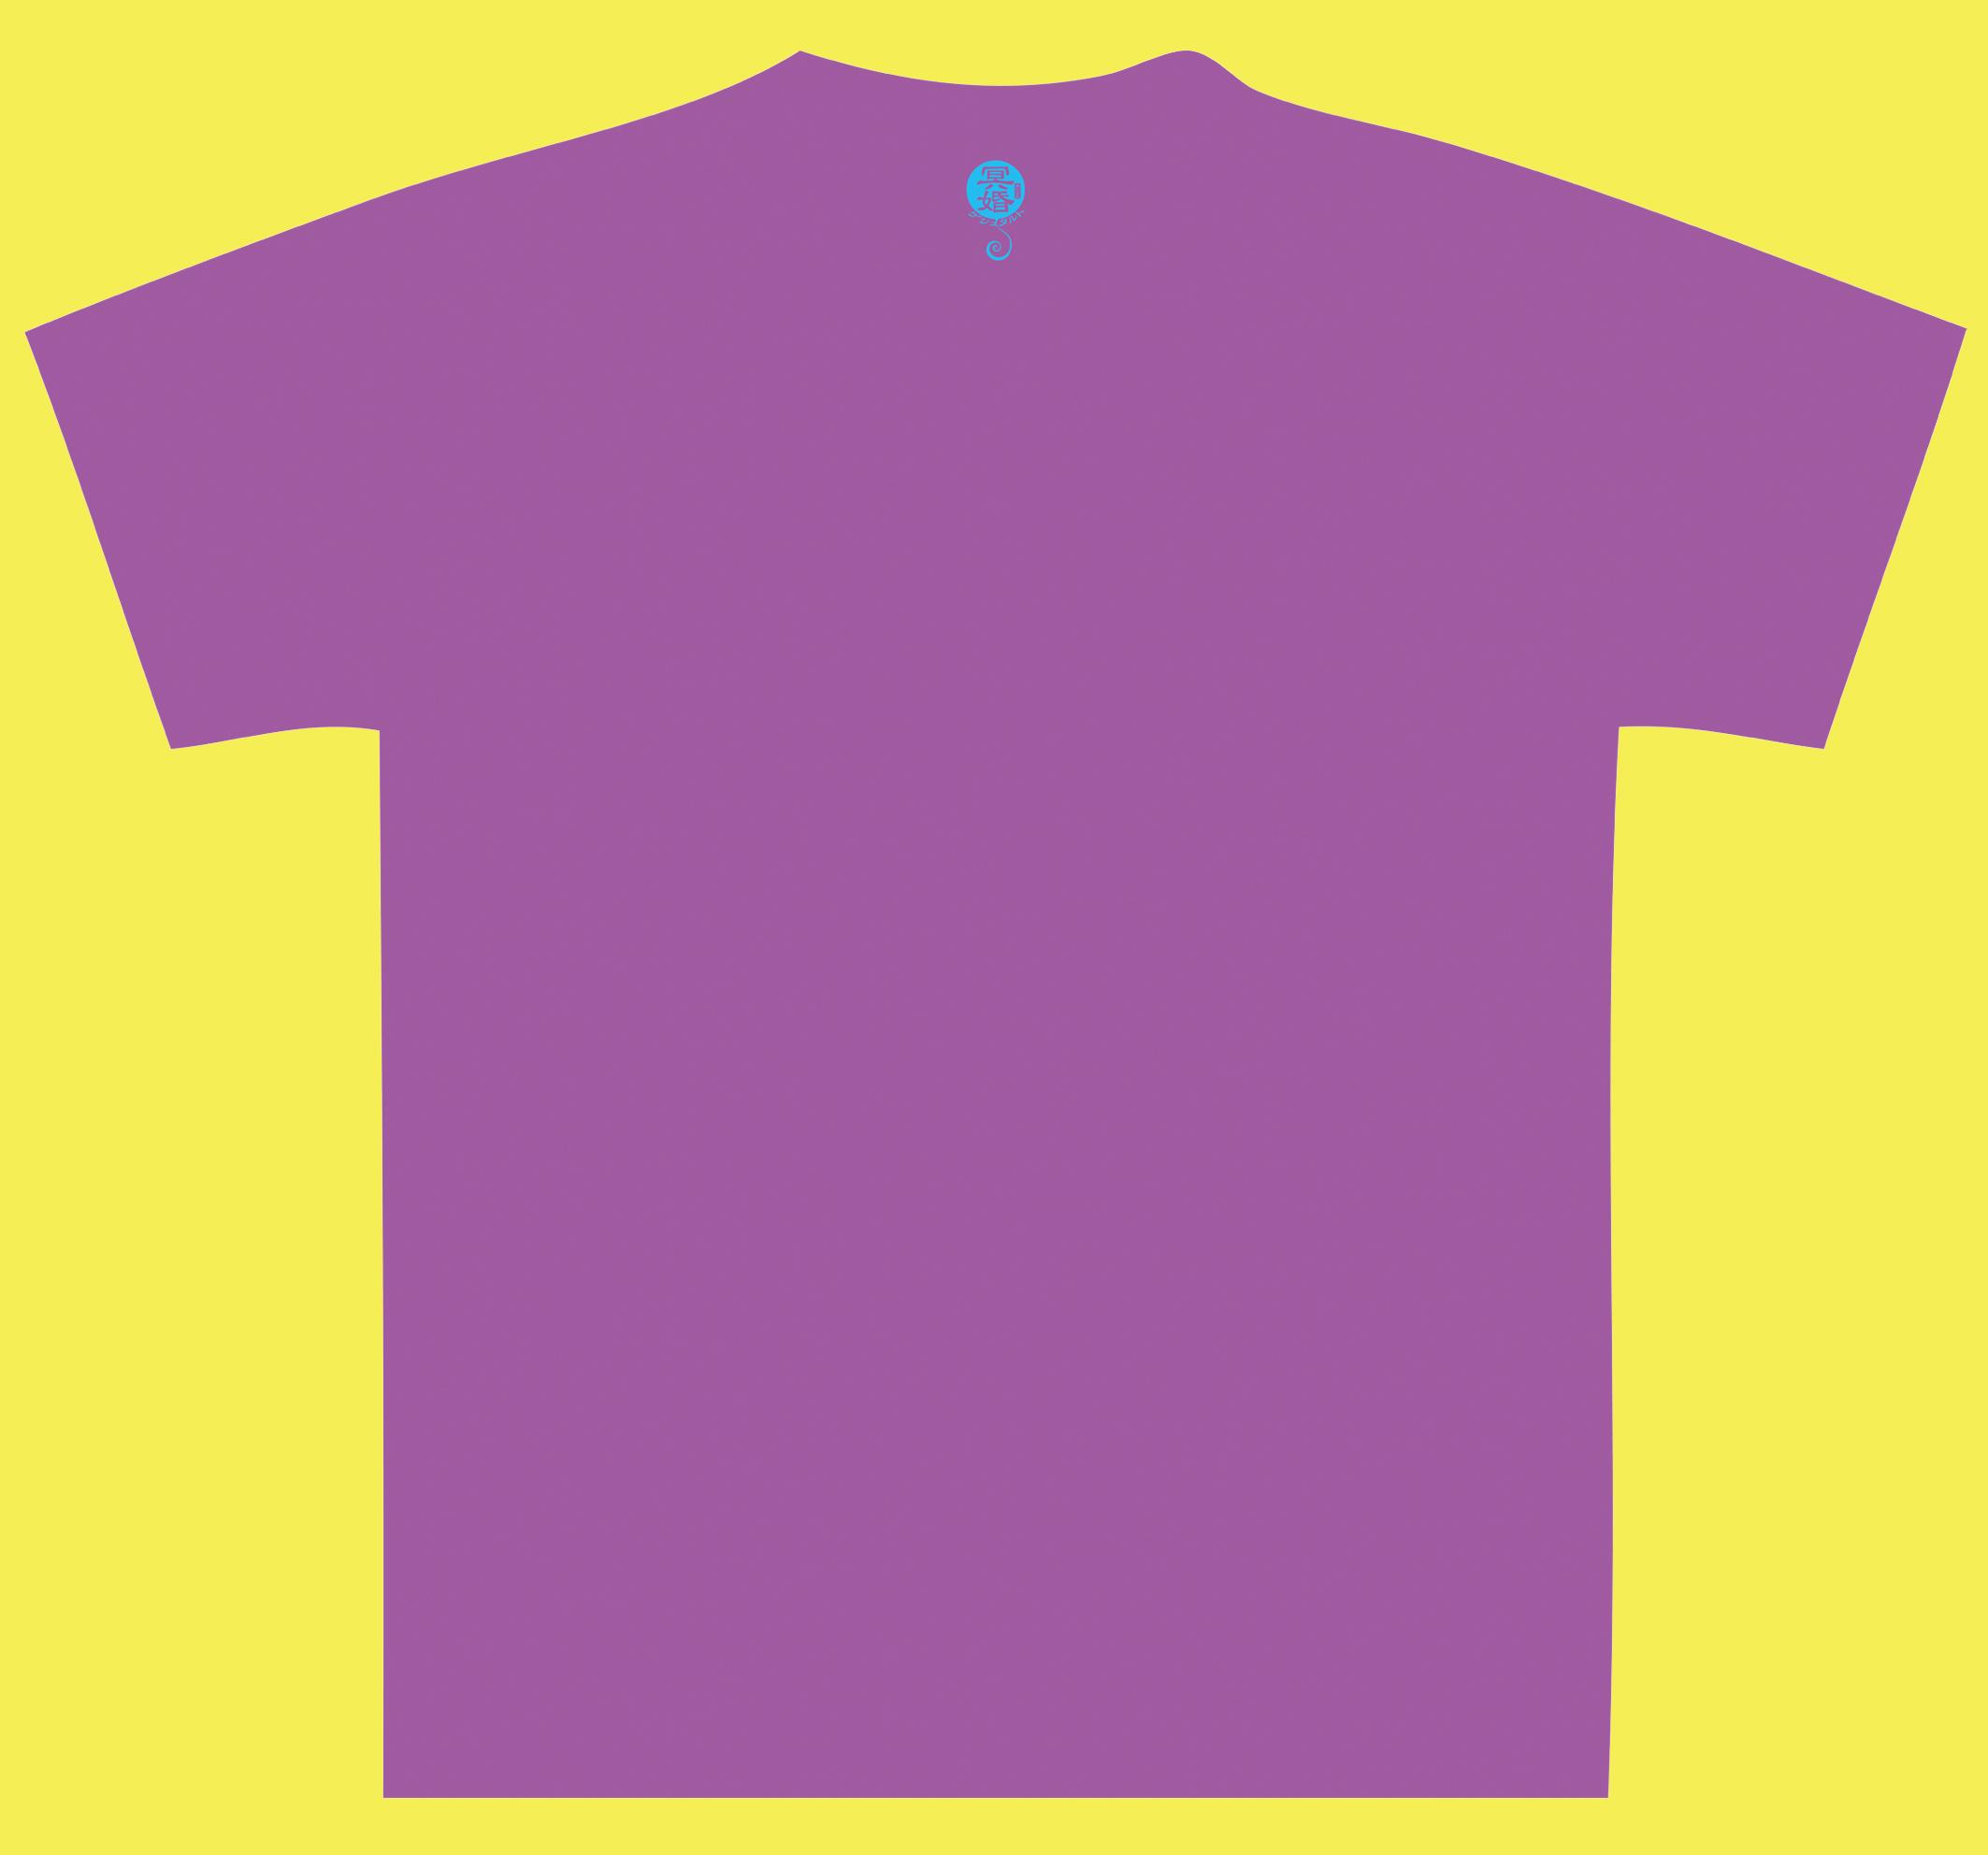 『冥婚ゲシュタルト』Tシャツ(紫)裏